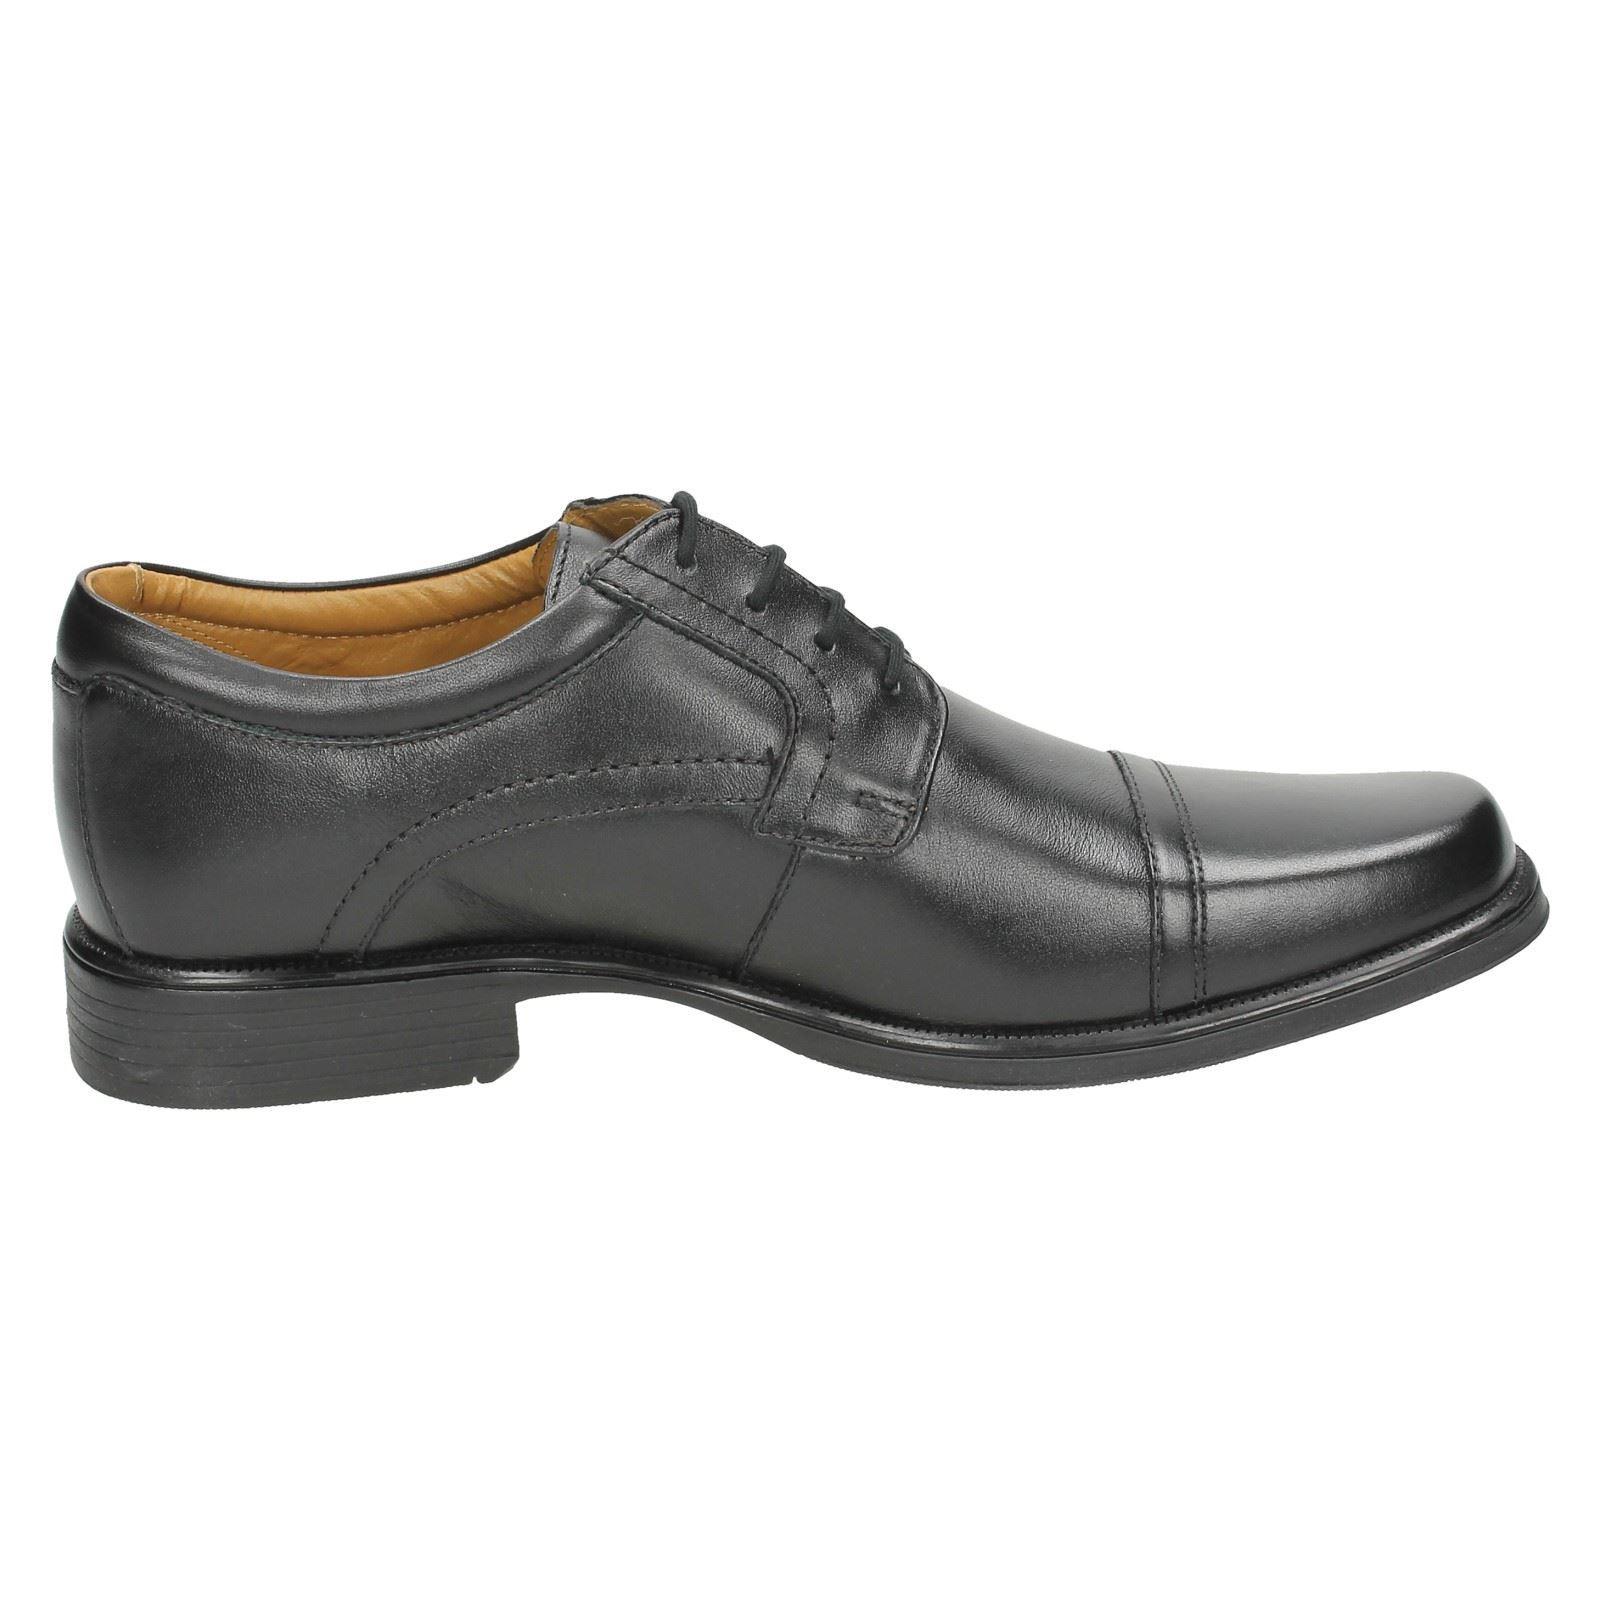 Mens Clarks Smart Lace Up Shoes /'Handle Cap/'